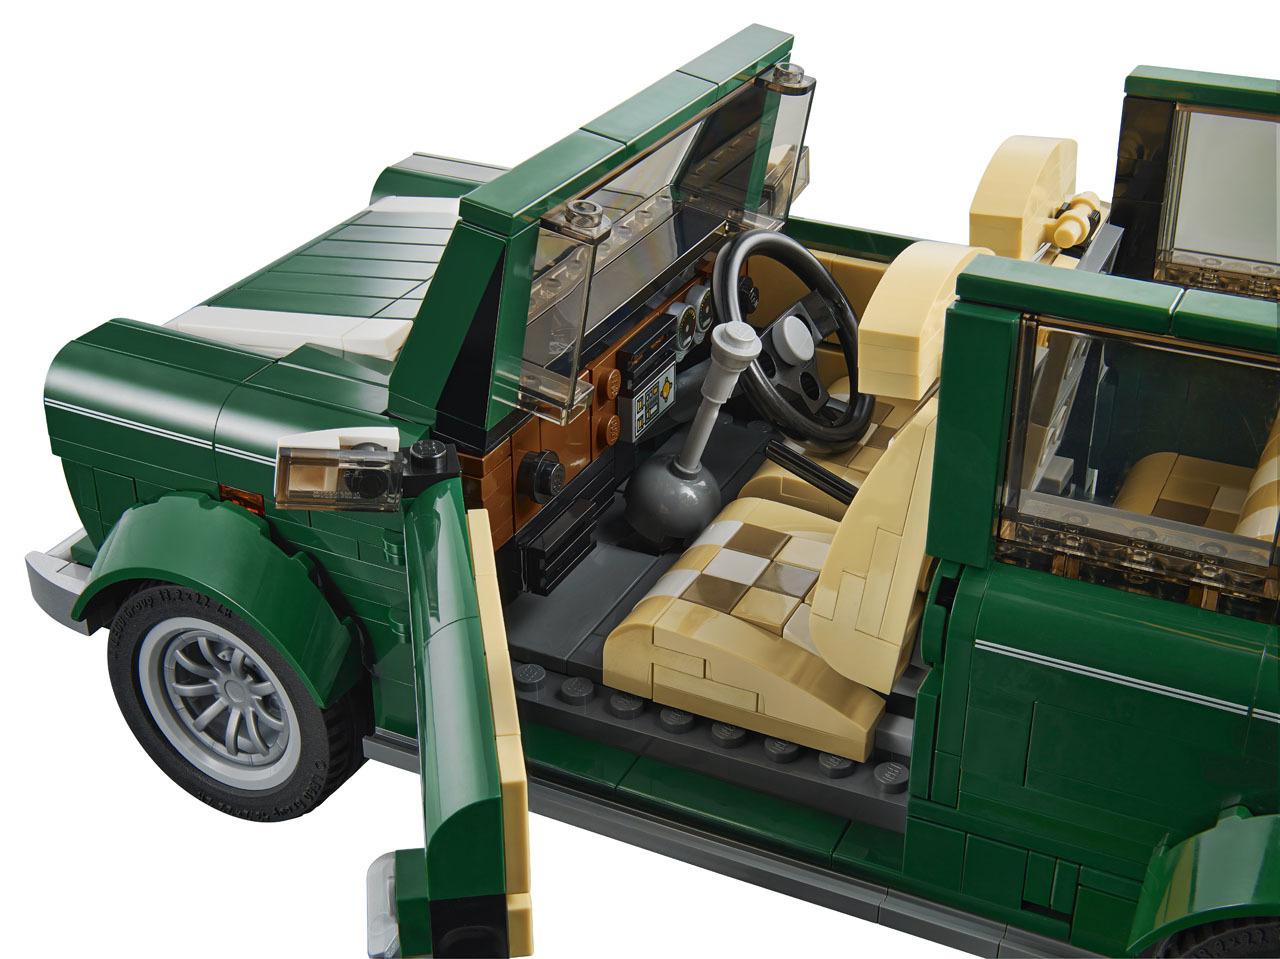 lego-mini-cooper-014-1